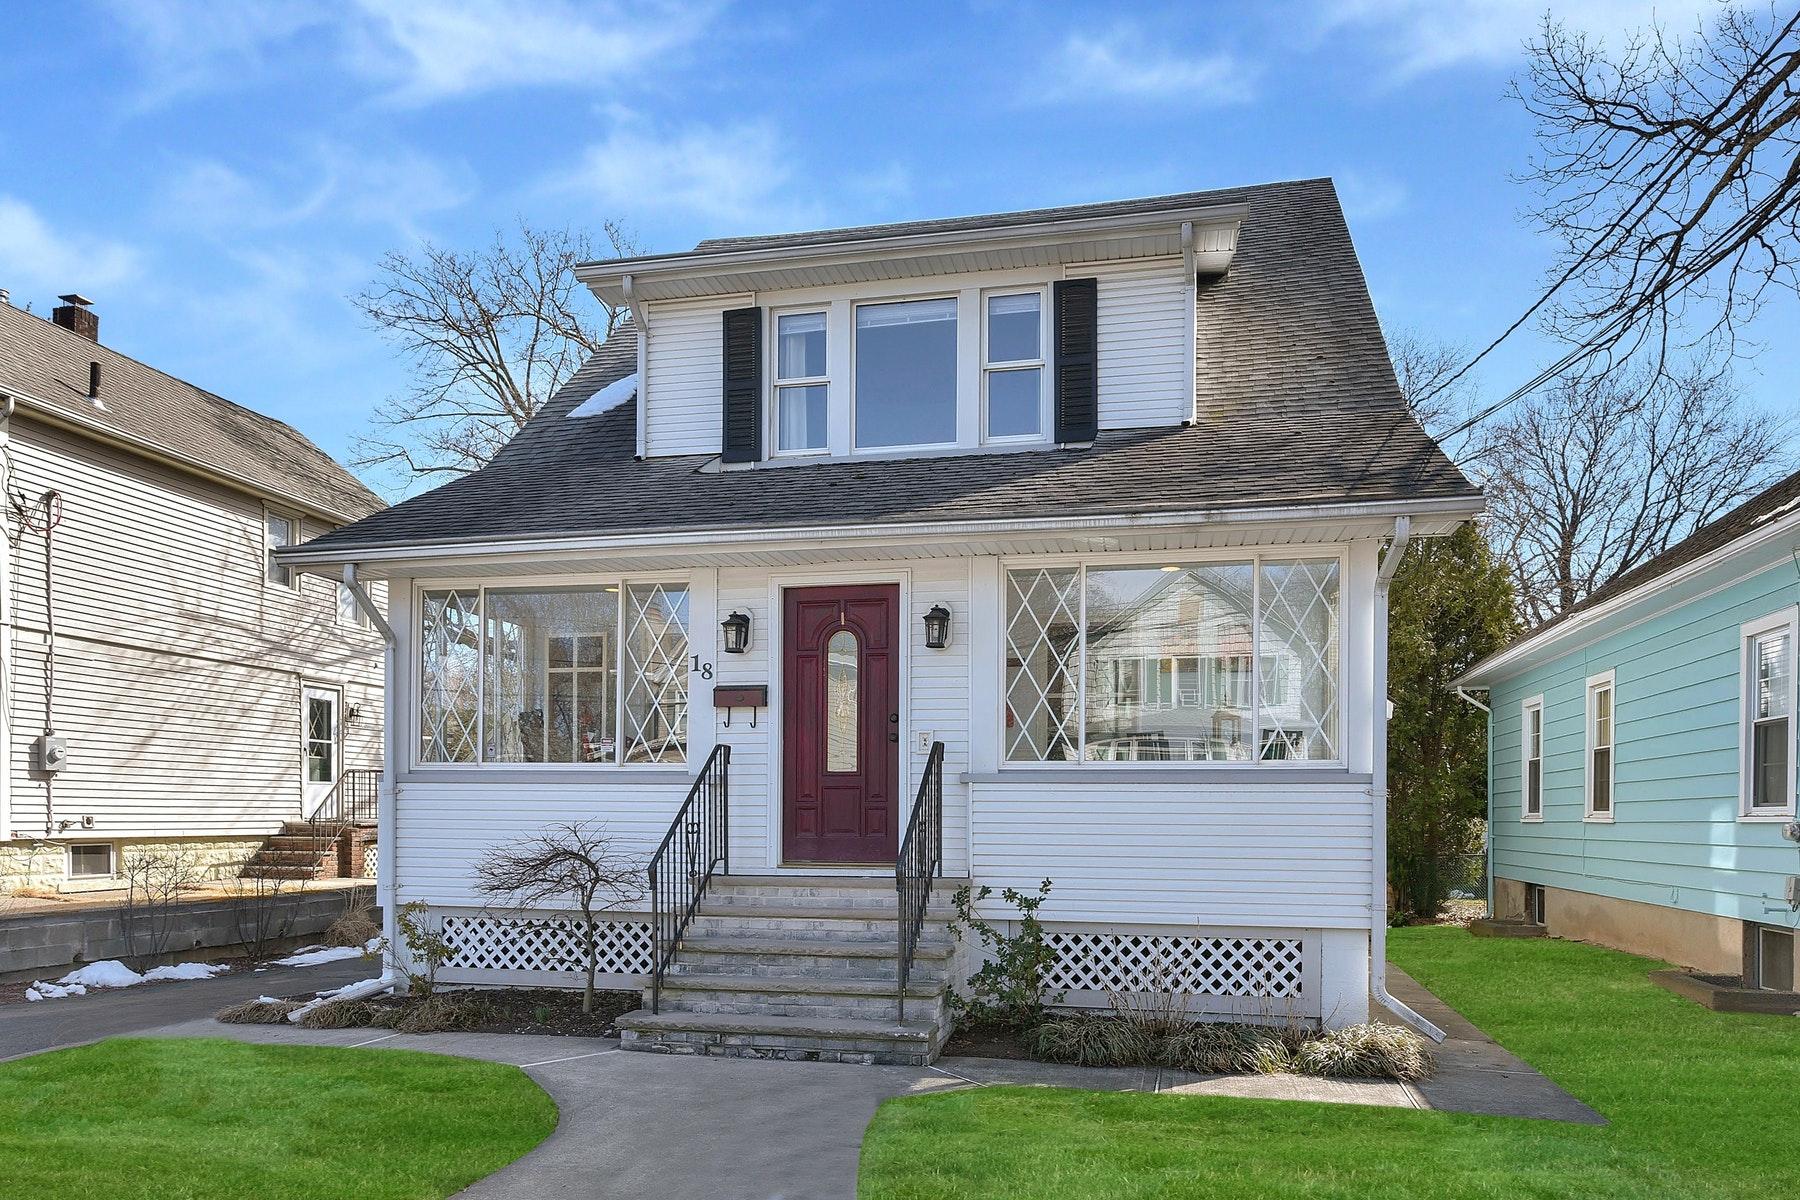 Casa Unifamiliar por un Venta en Modern Day Beautiful 18 Pierce Avenue, Midland Park, Nueva Jersey, 07432 Estados Unidos